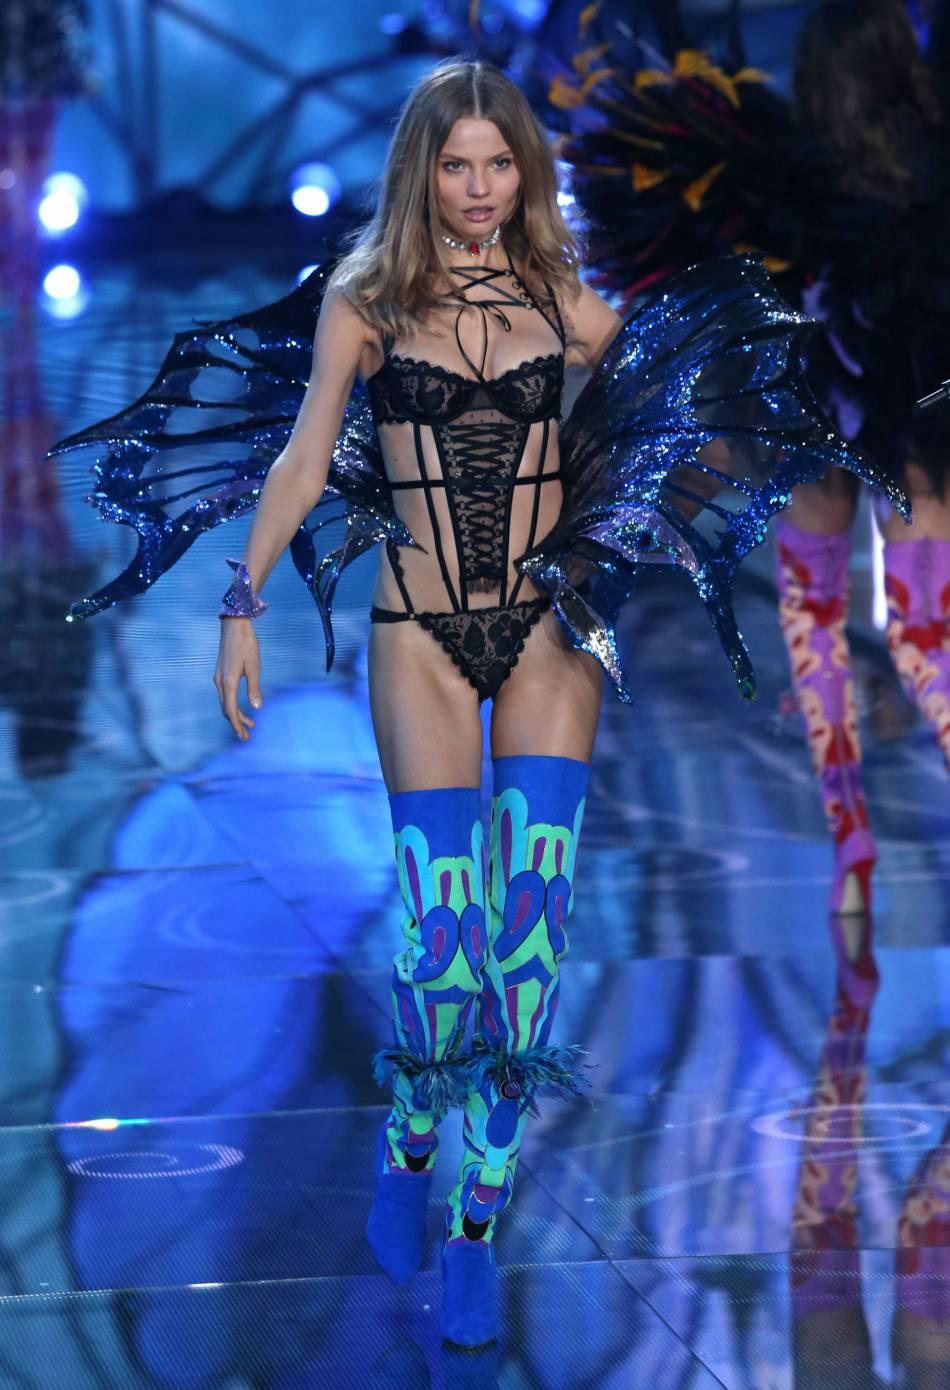 Magdalena Frackowiak pour le show Victoria's Secret 2015